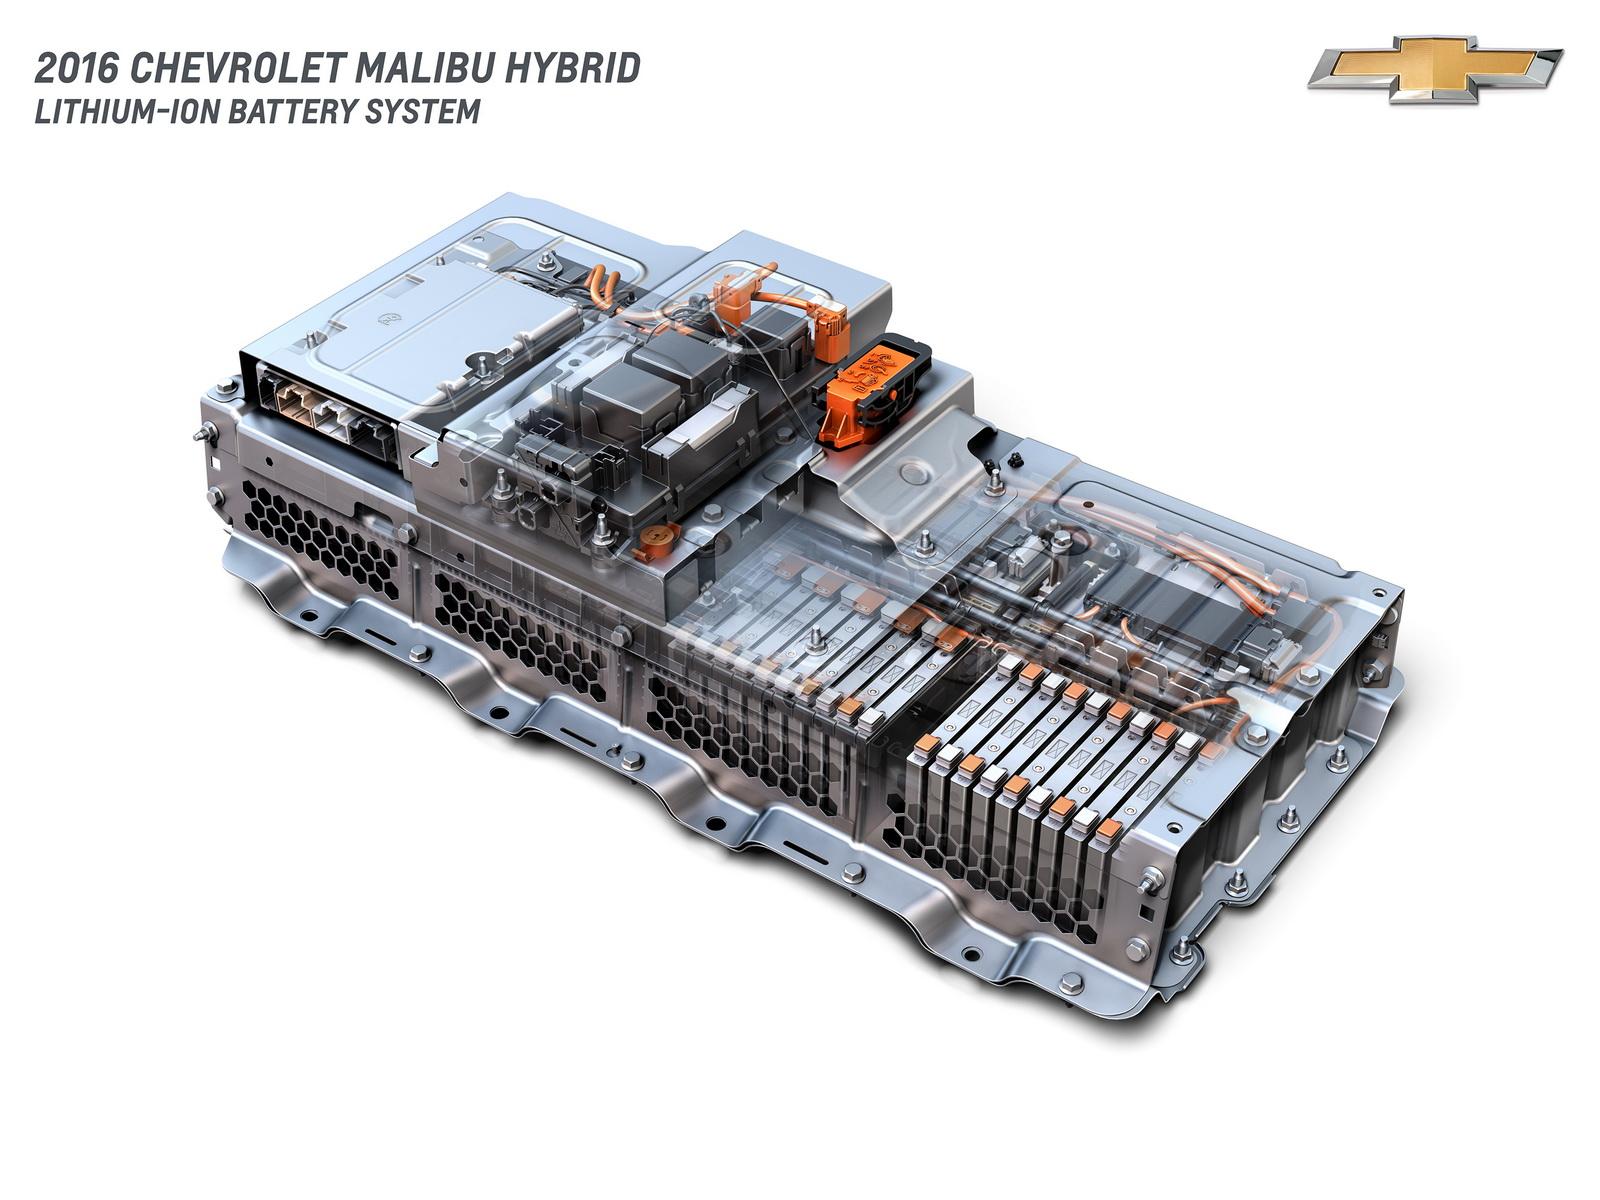 Hệ thống Pin cho Chevrolet Malibu 2016 được sử dụng ở bản Hybrid